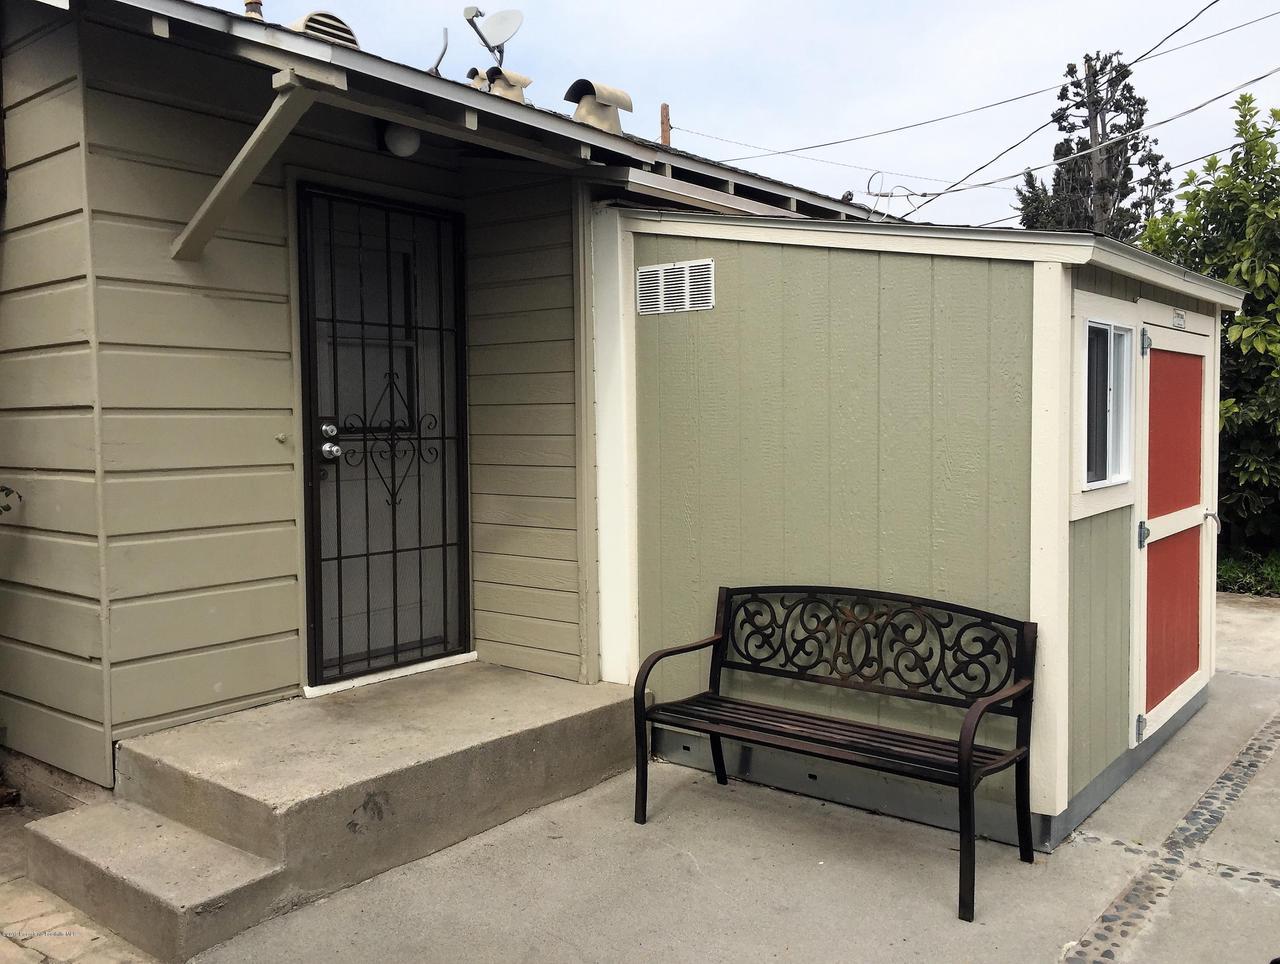 850 MOUNTAIN, Pasadena, CA 91104 - IMG_0187-MntPlc-4